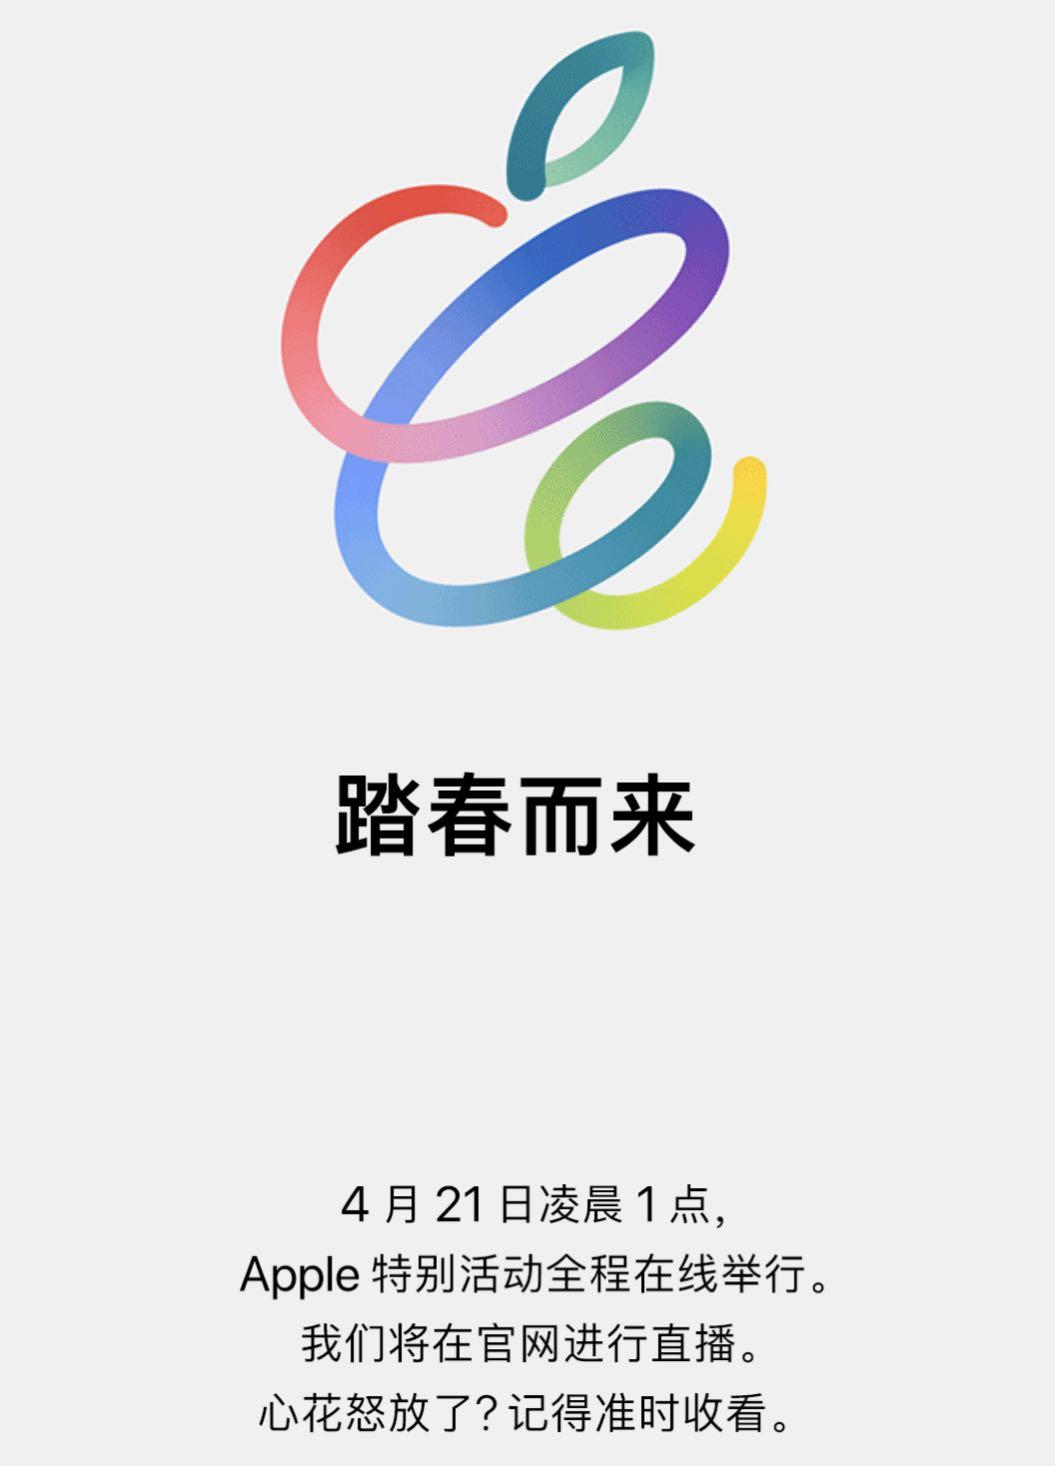 科技早报 | 苹果发邀请函4月21日举行春季发布会